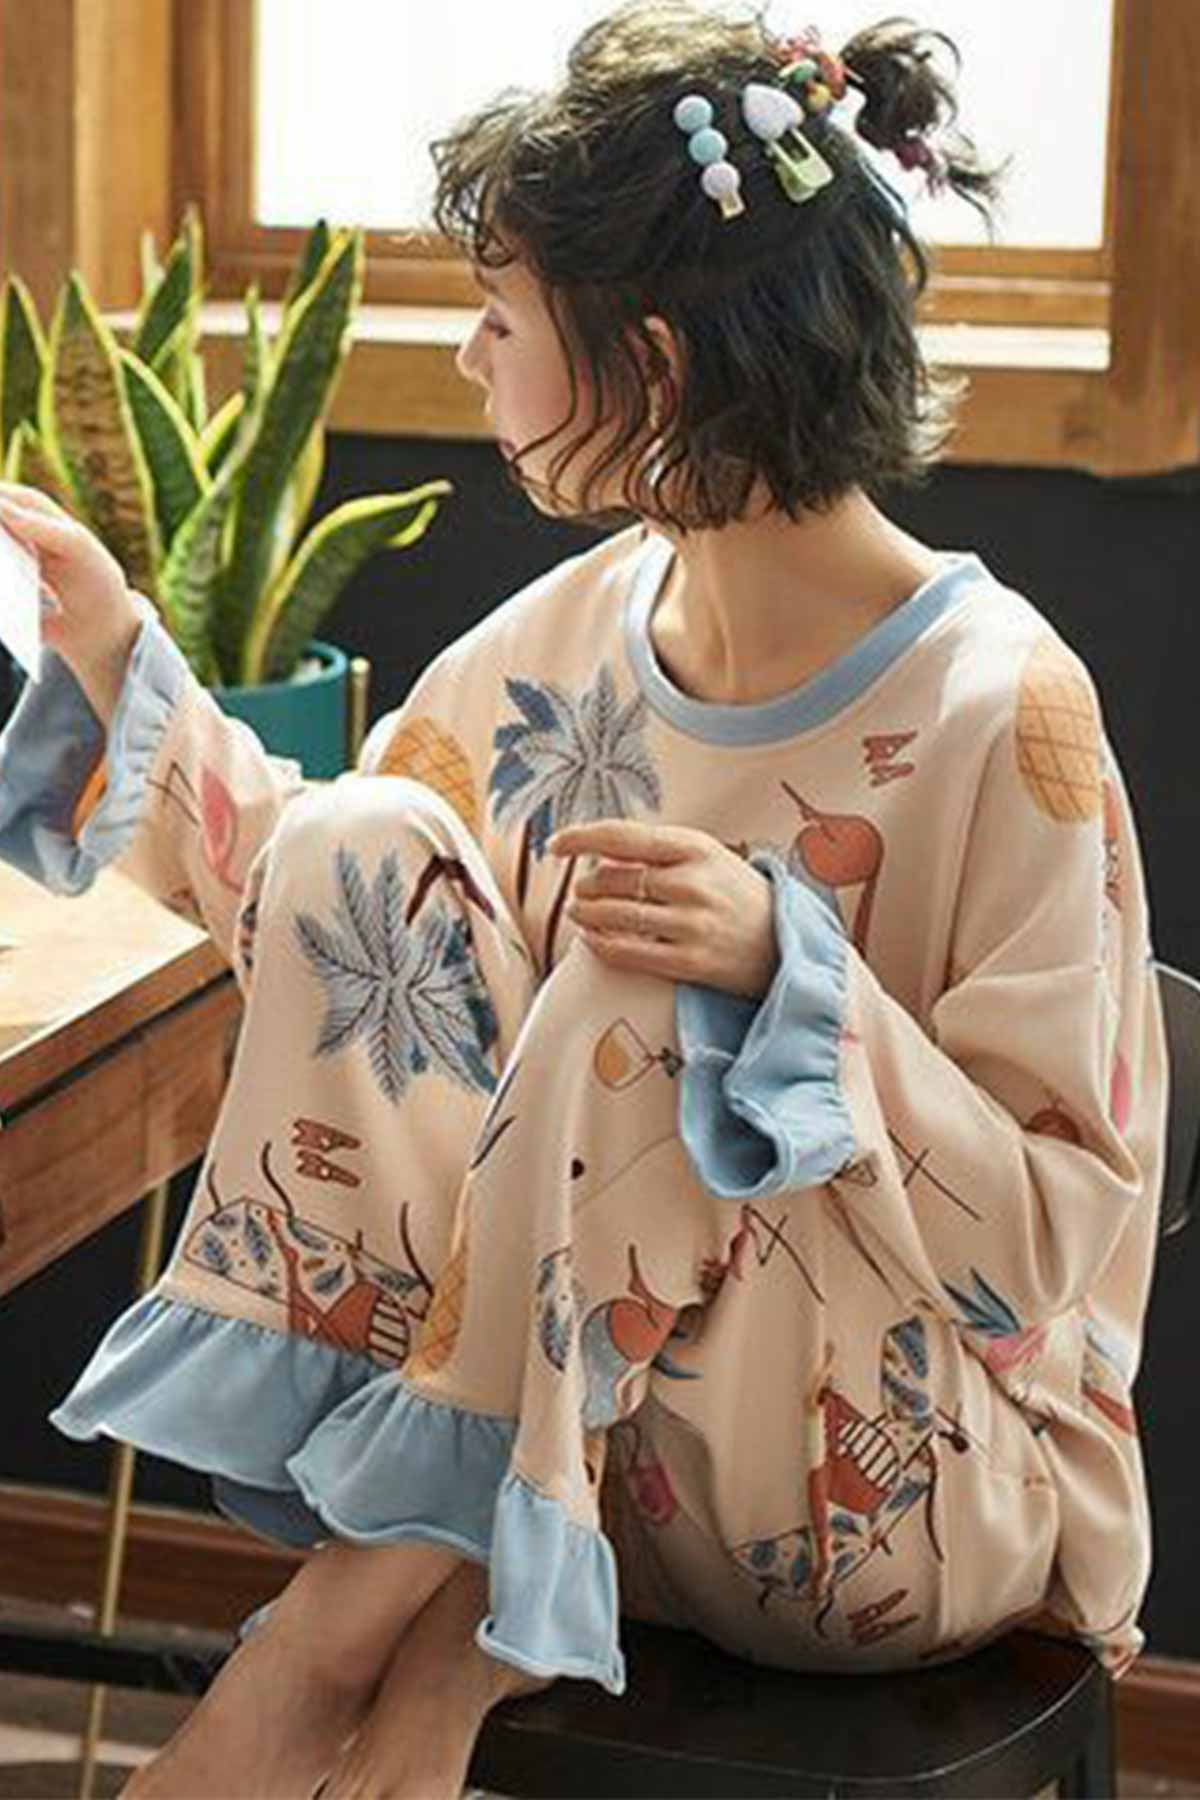 ÇeyizeDairHerşey - Bej renkli fırfırlı sıfır yaka özel tasarım çiçek desenli bayan pijama takımı 5806